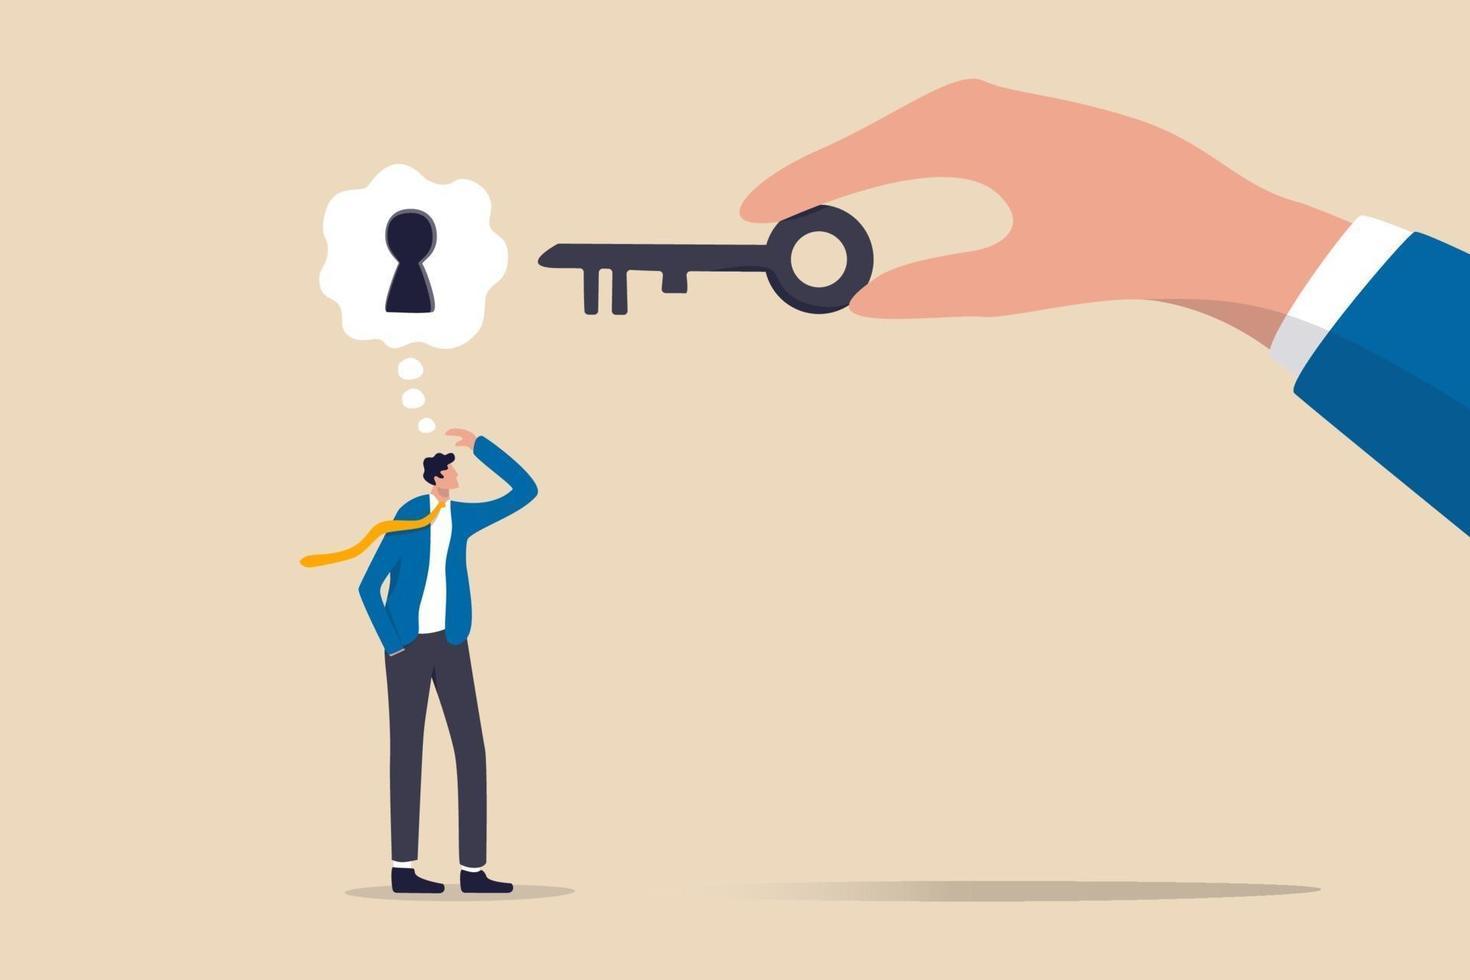 affärsstöd eller hjälp för att lösa problem, rensa och avblockera arbetshinder eller nyckel för att låsa upp affärsidékoncept vektor